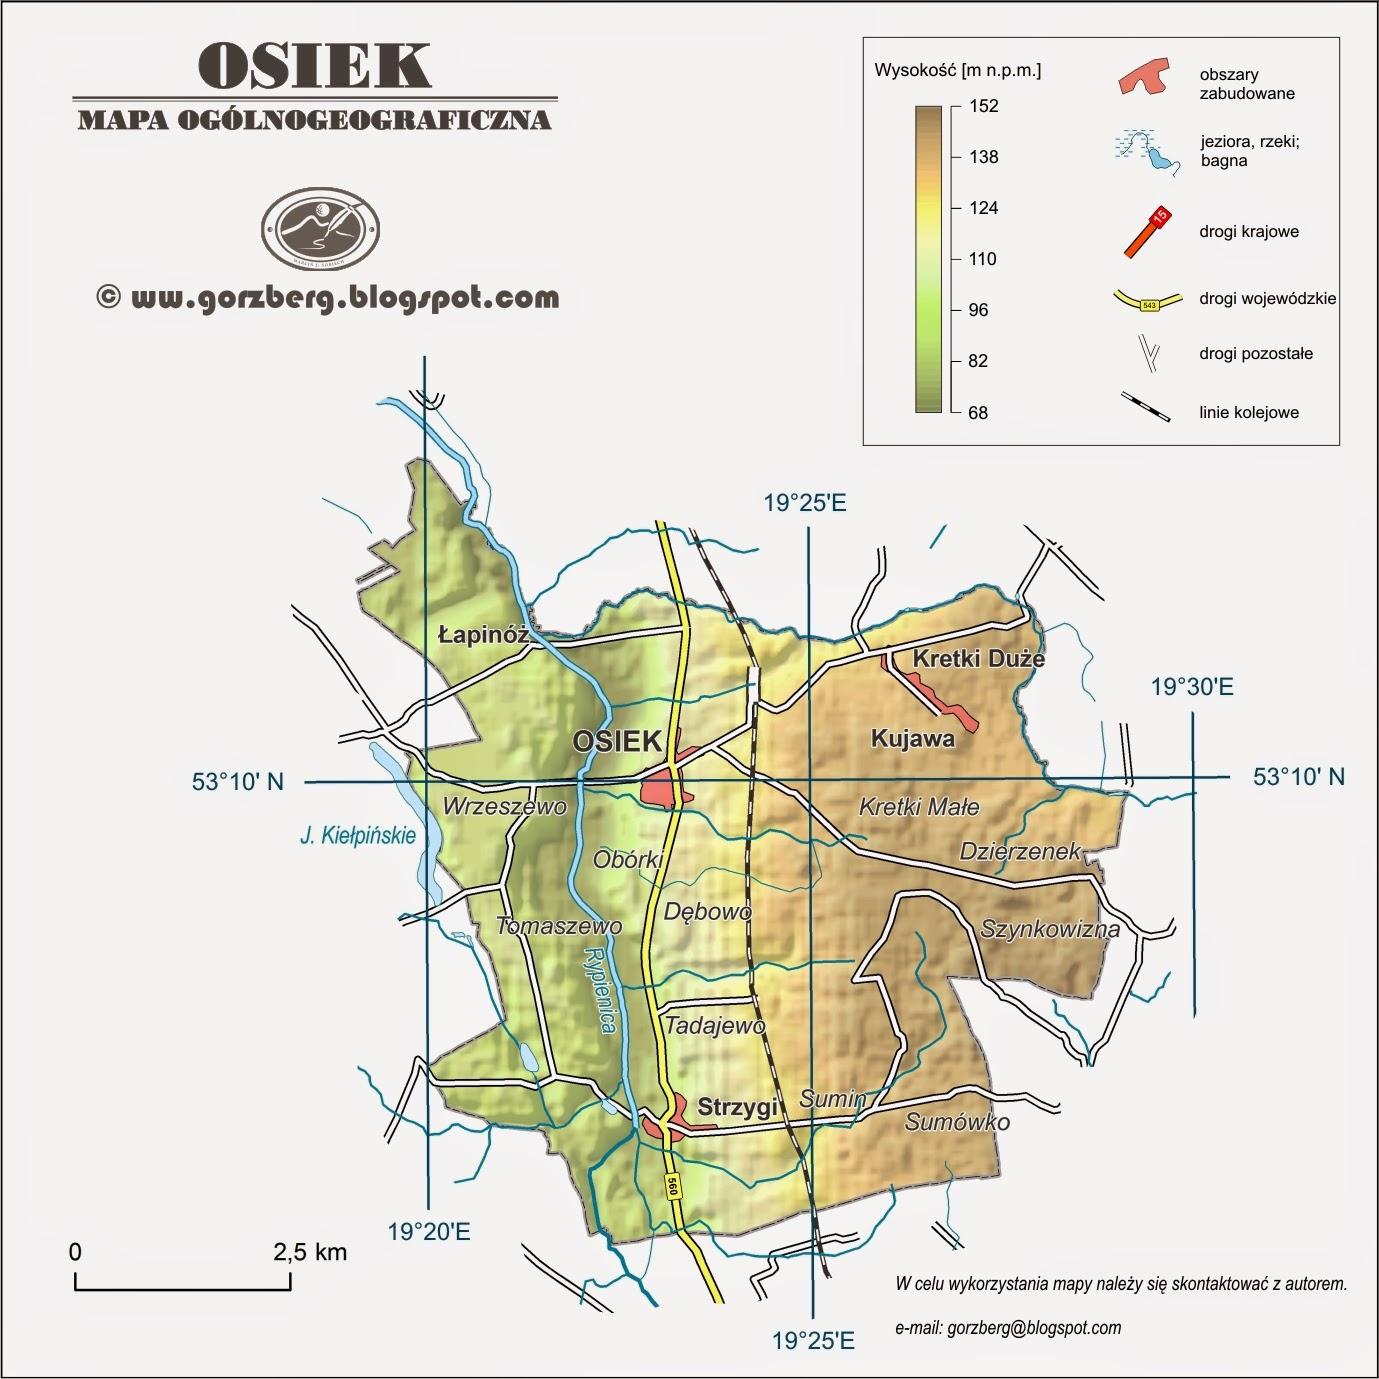 Mapa ogólnogeograficzna gminy Osiek